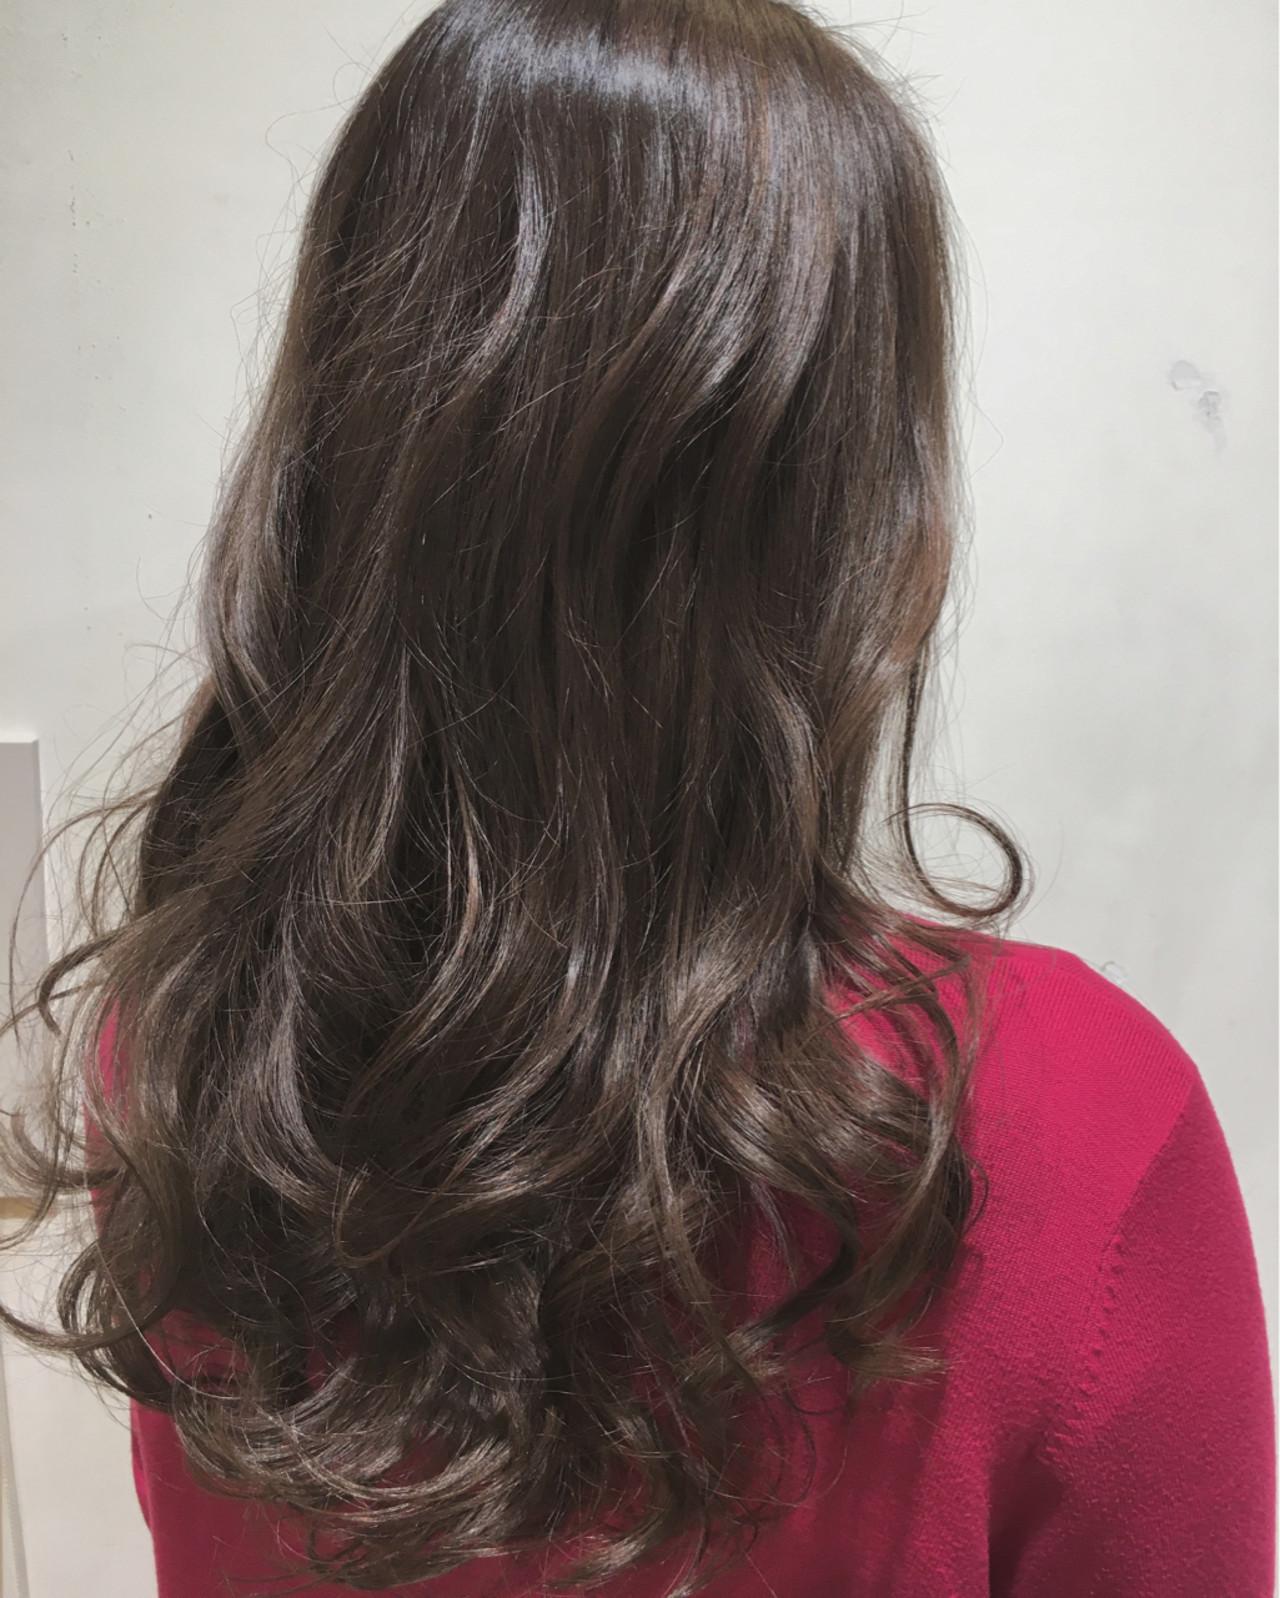 前髪ありなしどちらも可愛い♡どちらでも使い分けられるアレンジ集 市岡 久